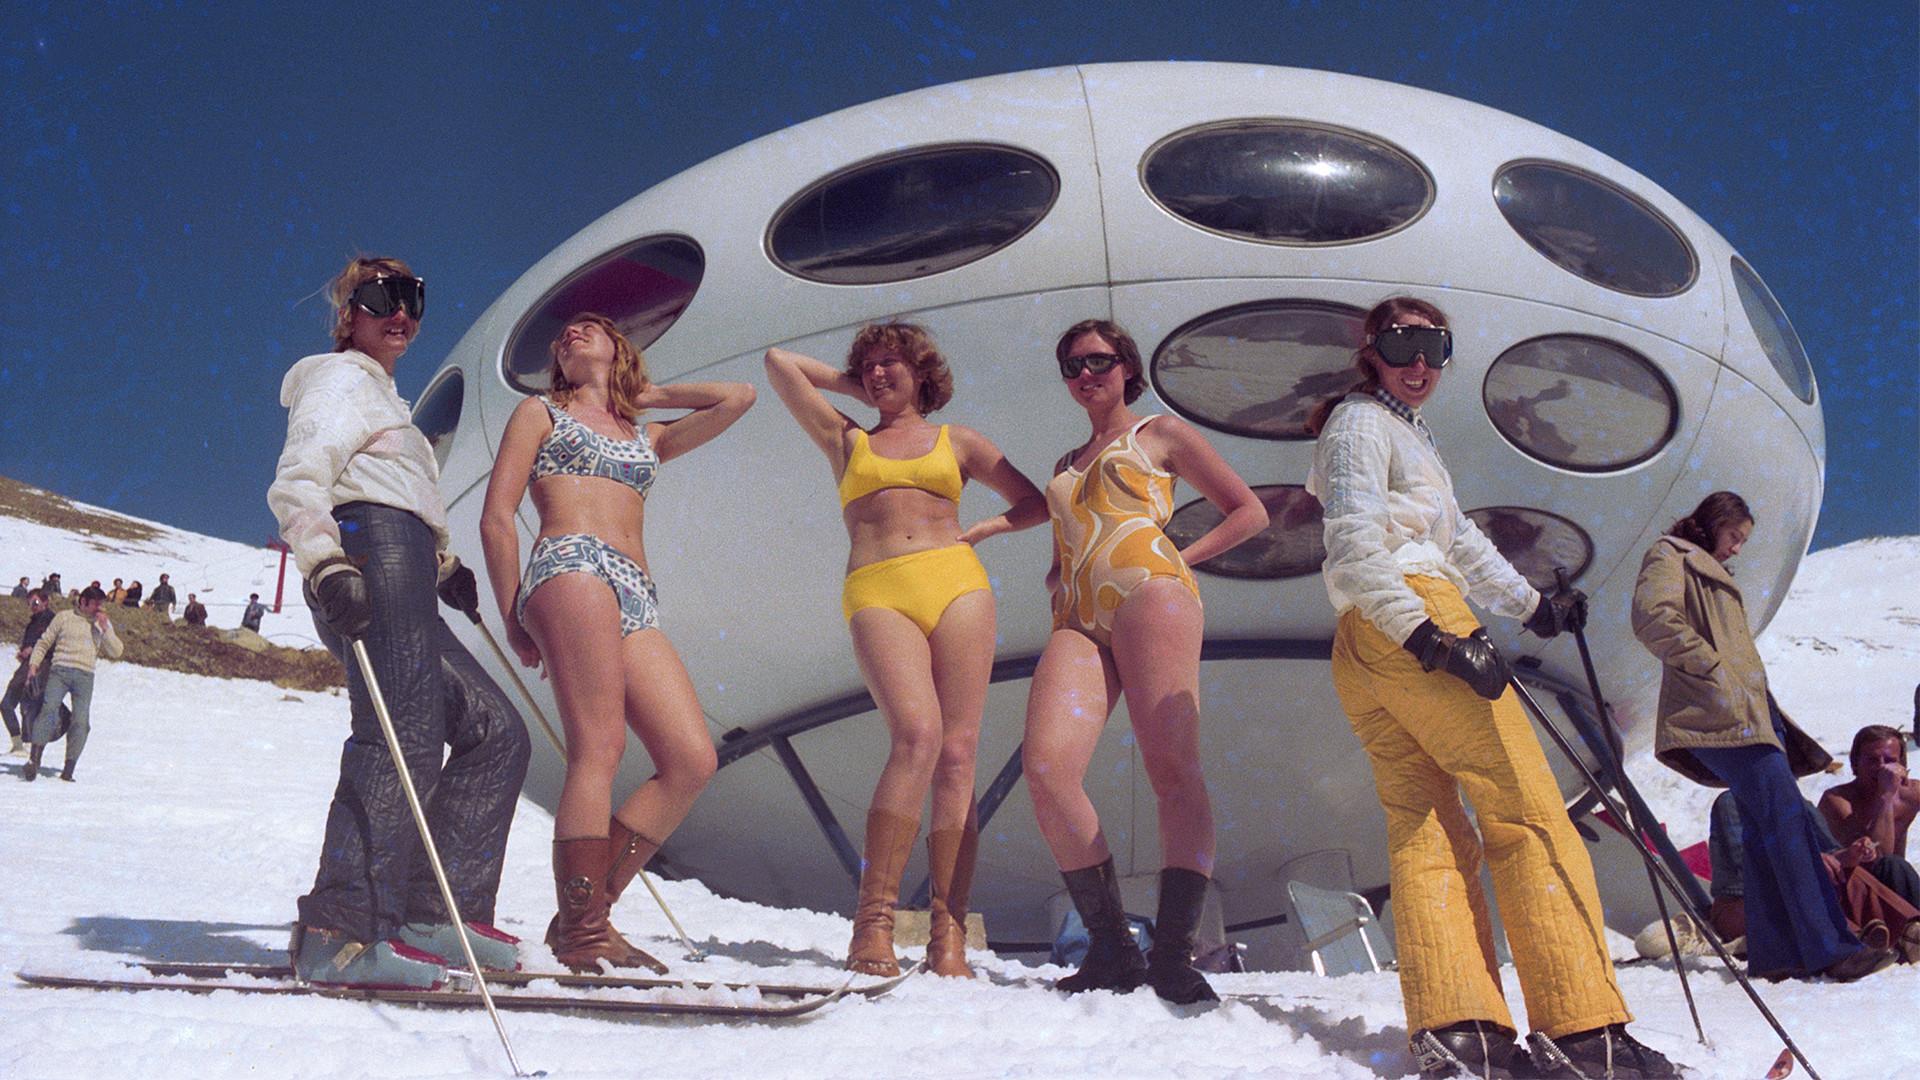 Ставропољски крај, СССР. 1. март 1979. Сунчање на 2.000 метара надморске висине.